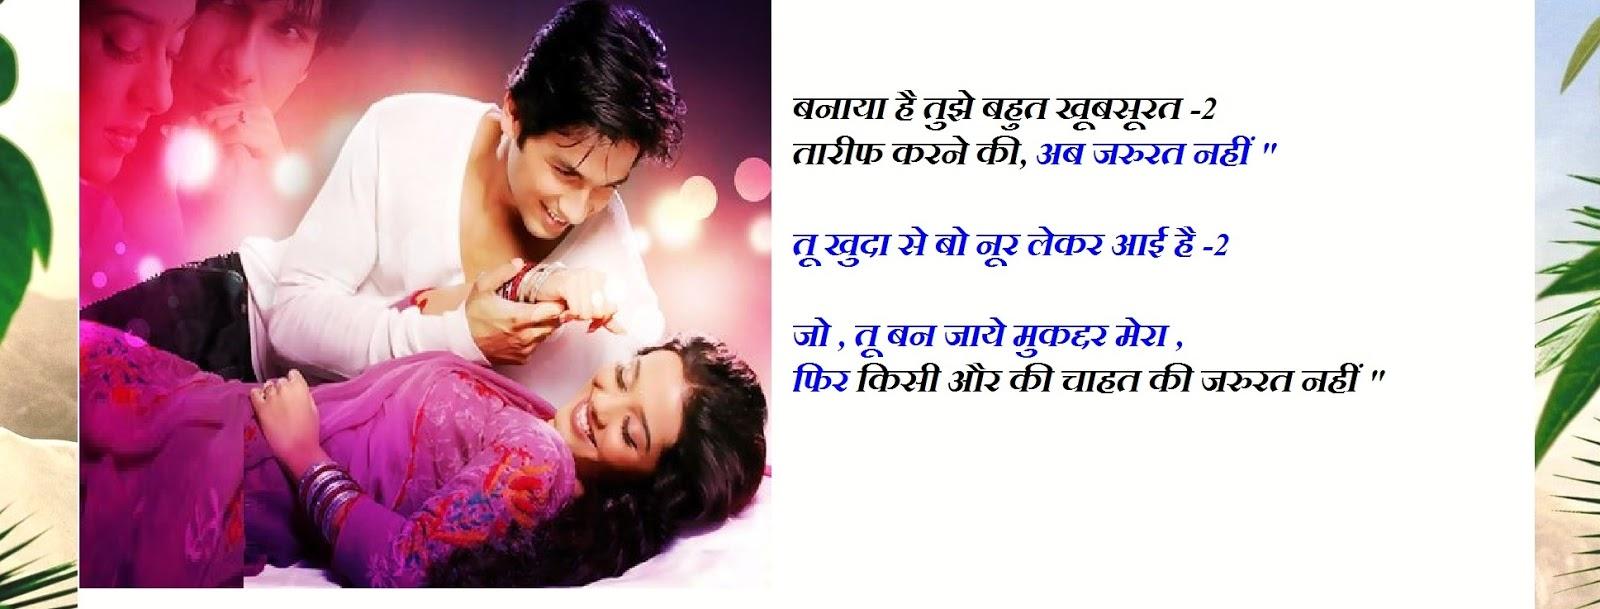 love status, romantic status, romantic shayari hindi, romantic shayari hindi mai, romantic shayari for boyfriend, 2 line romantic shayari in hindi, whatsapp status video romantic, whatsapp status video download, romantic shayari on love in hindi, बनाया है तुझे बहुत खूबसूरत-2 तारीफ करने की-अब जरुरत नहीं-तू खुदा से बो नूर लेकर आई है-2 जो-तू बन जाये मुकद्दर मेरा-फिर किसी और की चाहत की जरुरत नहीं